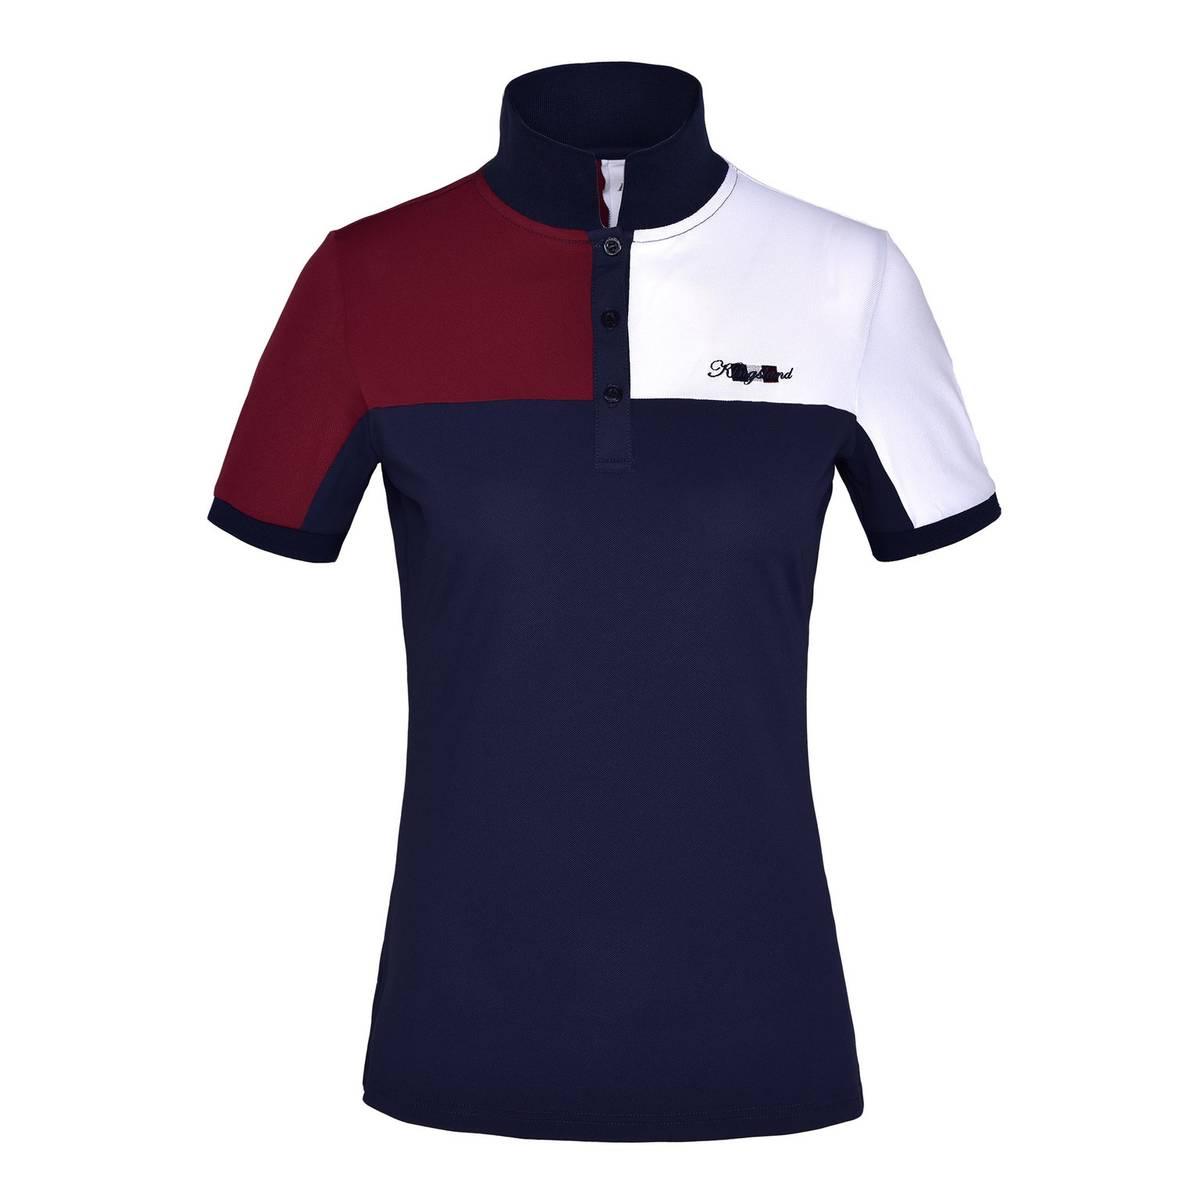 Kingsland Janey polo shirt